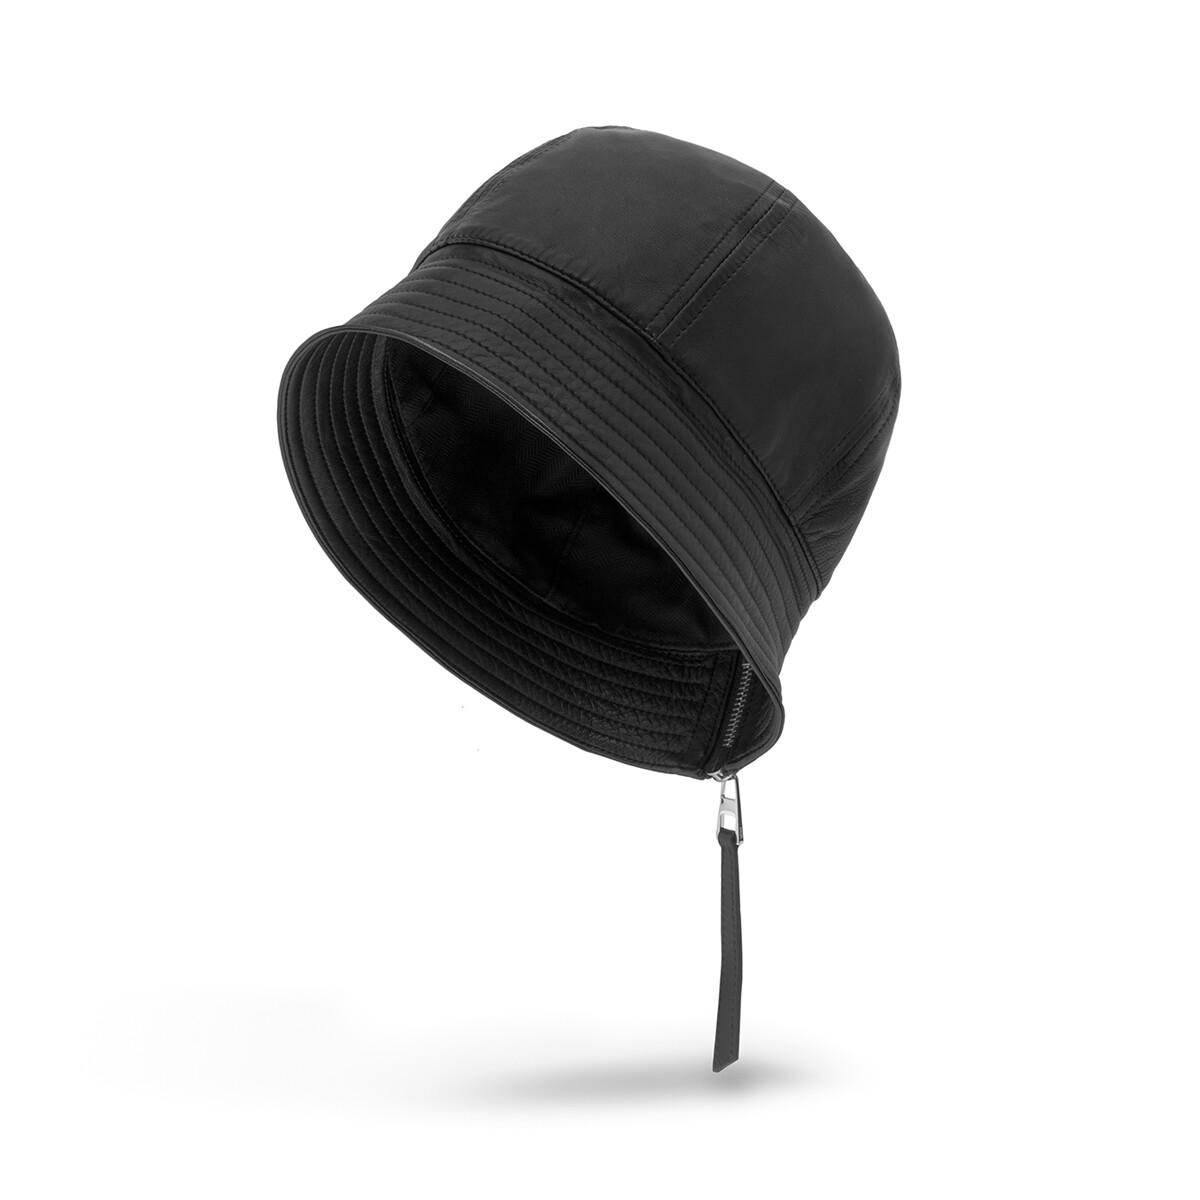 LOEWE バケット ハット ブラック front